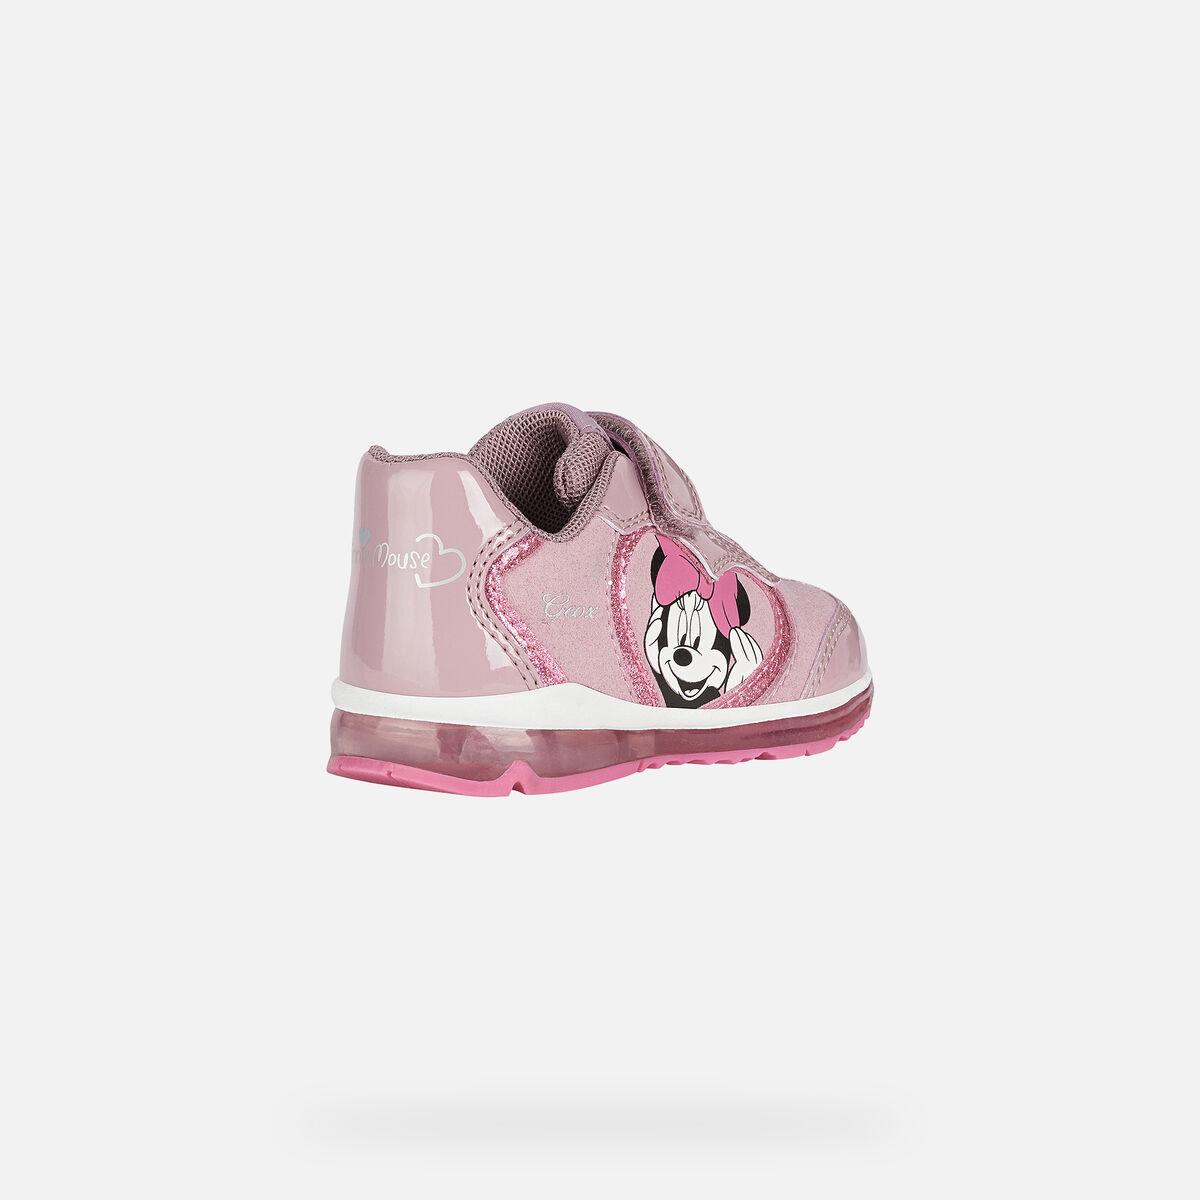 Αθλιτικό bebe παπούτσι Disney Minnie ροζ με φωτάκια GEOX Β0485Β 002ΑU C8011